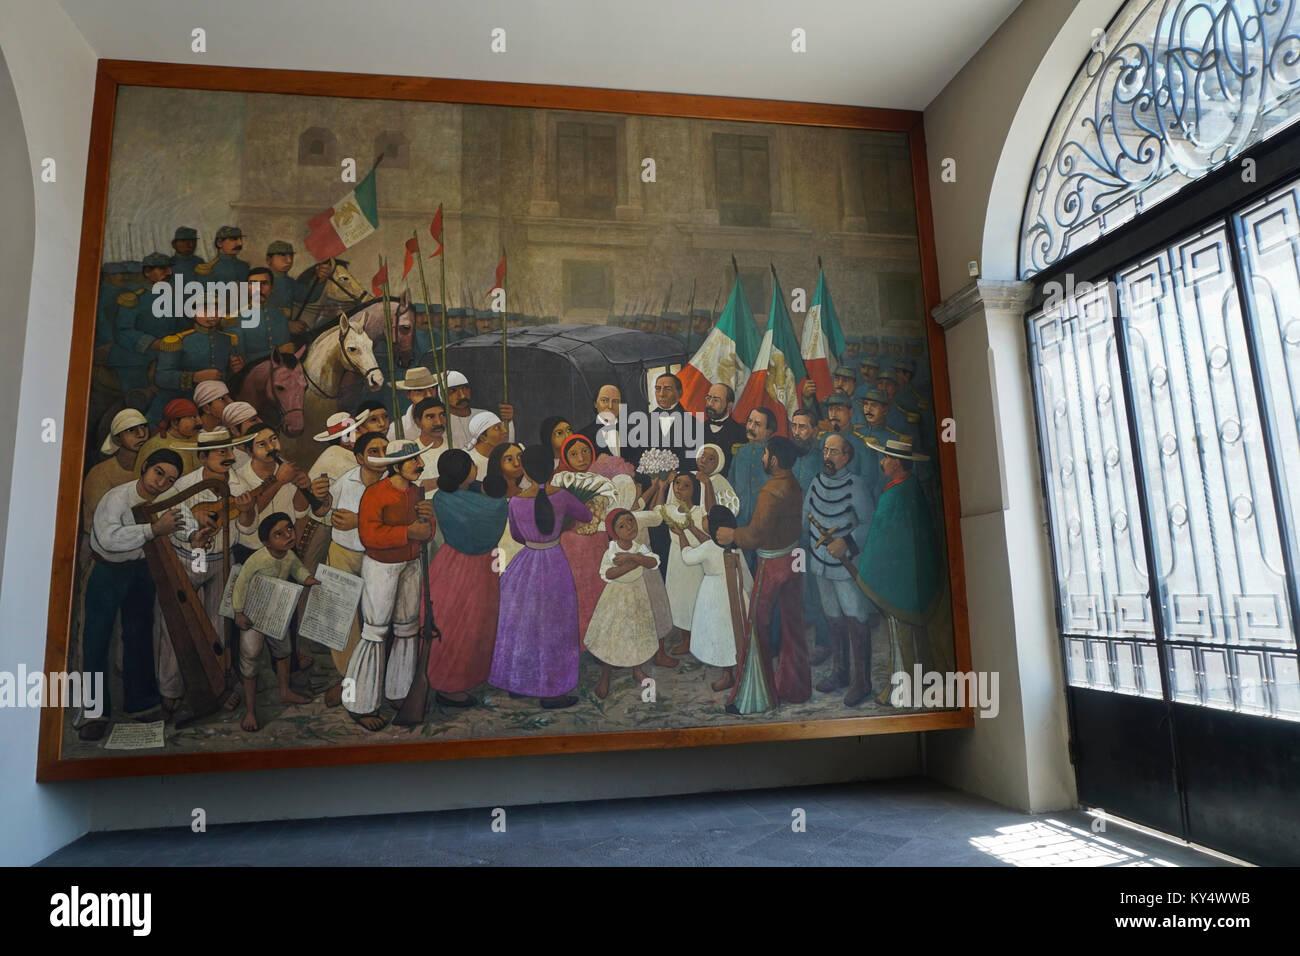 Orozco fresco stock photos orozco fresco stock images for Benito juarez mural